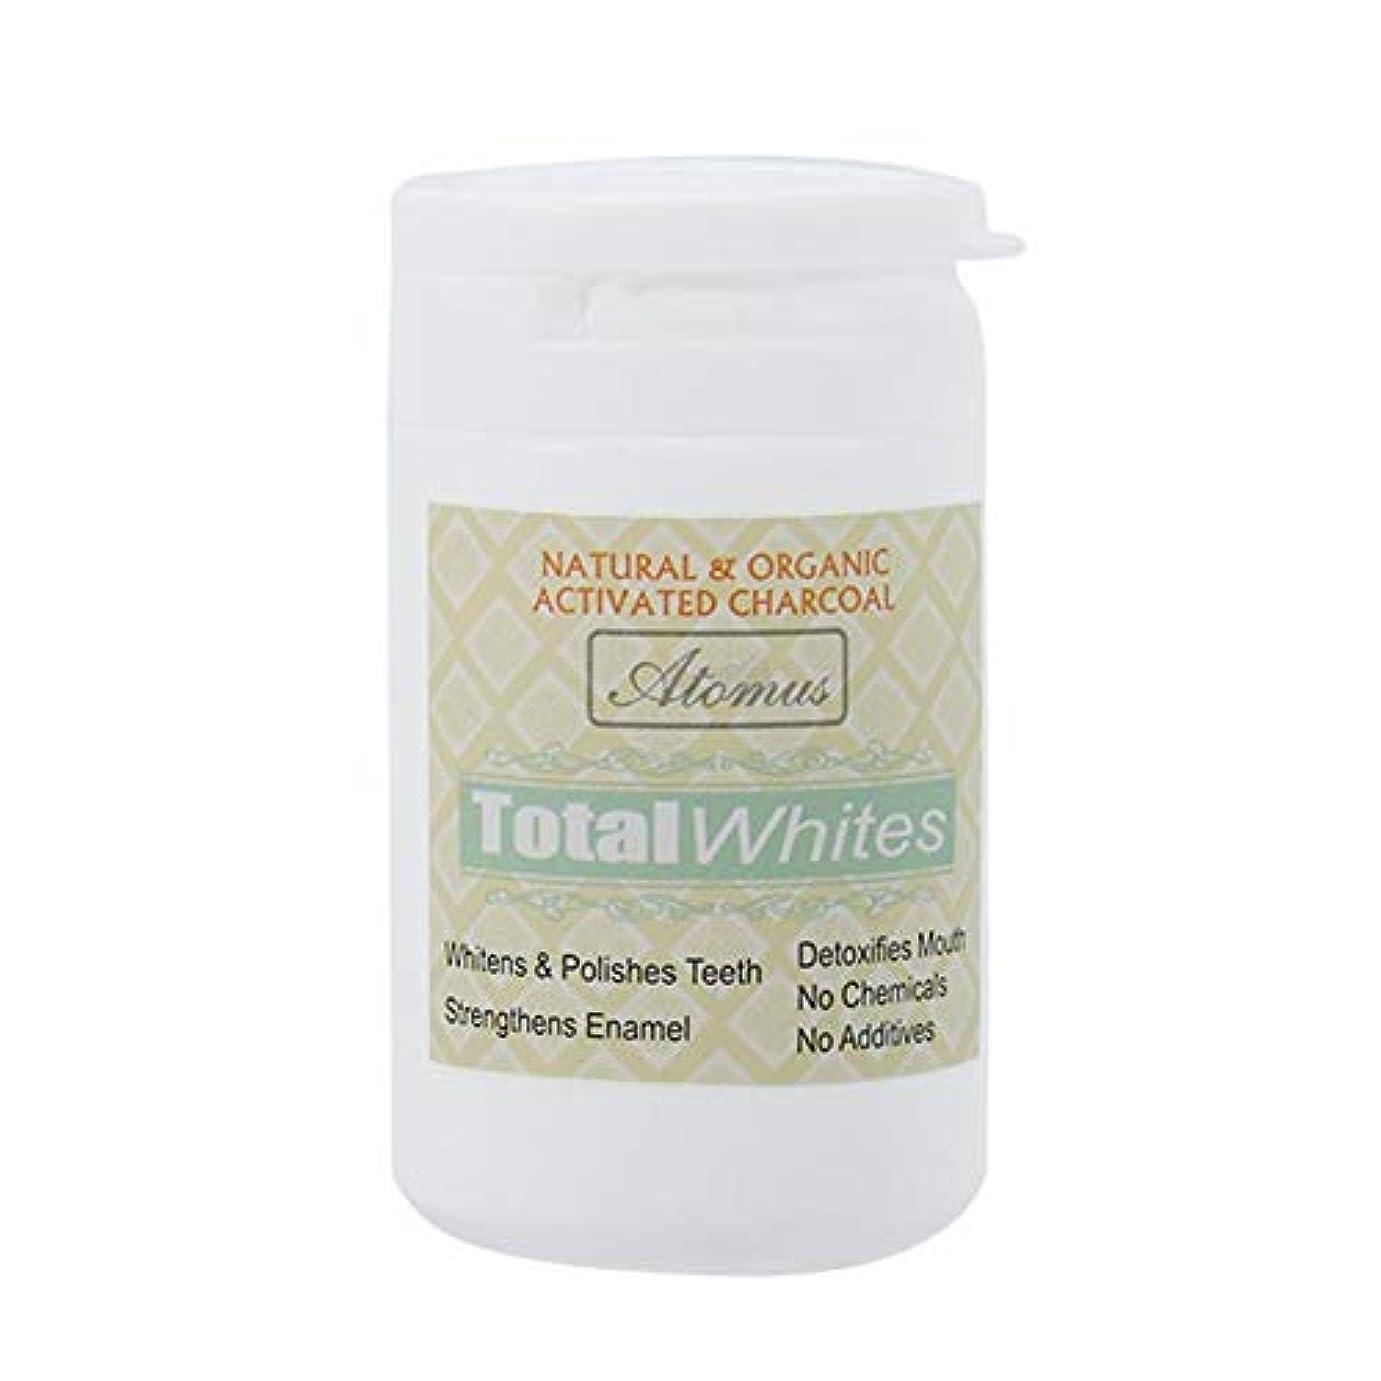 樹木怖がらせるアルファベット順歯のホワイトニングパウダー、活性炭の歯のホワイトナーパウダー - 有機安全で効果的なホワイトナーの解決策 - ホワイトニングの歯とフレッシュな息